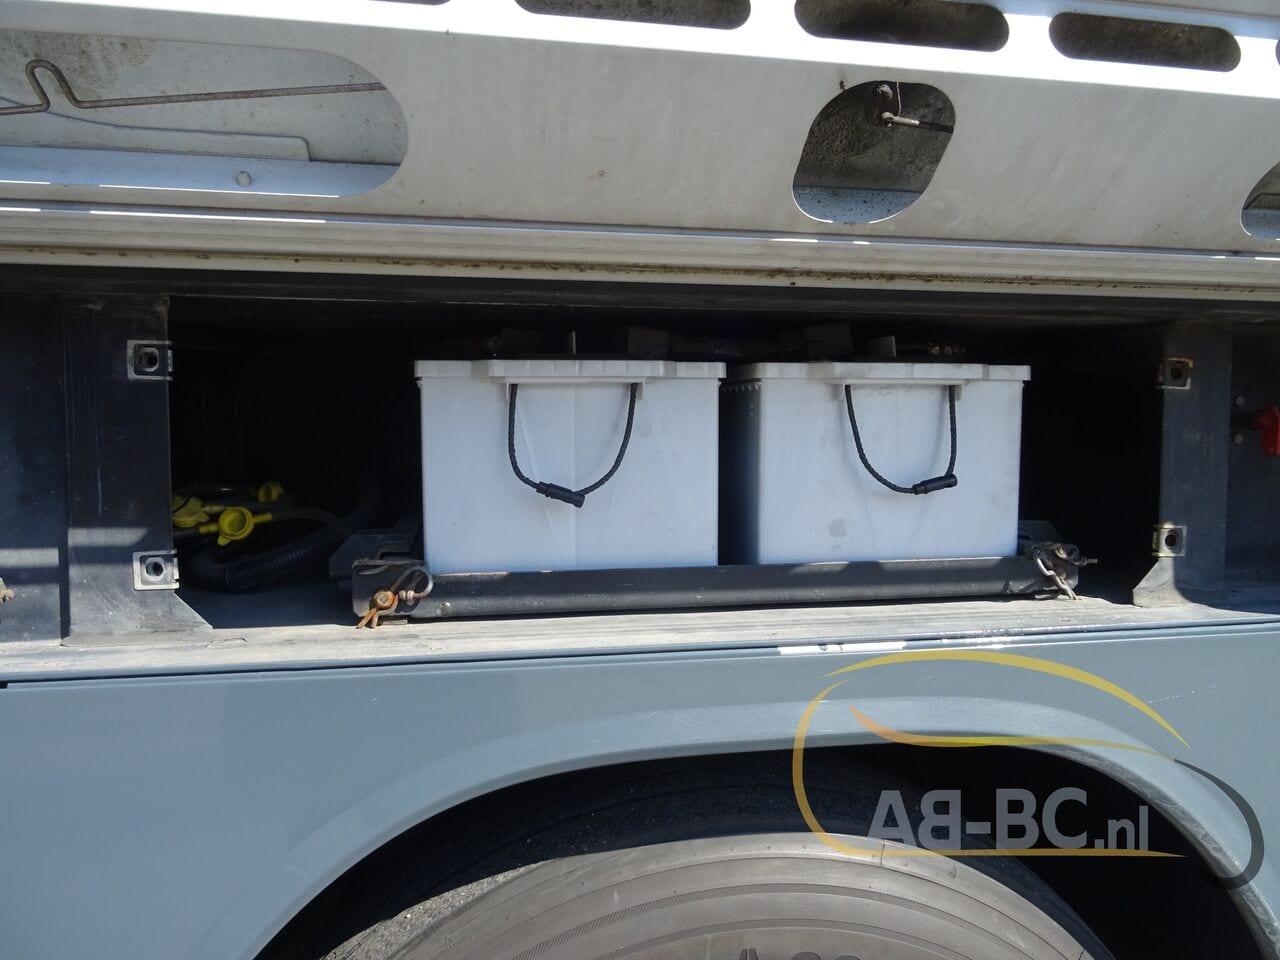 coach-busSETRA-S415-GT-HD-FINAL-EDITION-51-SEATS-LIFTBUS---1620381729466009918_big_34e11d161dc94b10da63ddb95637feb9--21050713010665719300